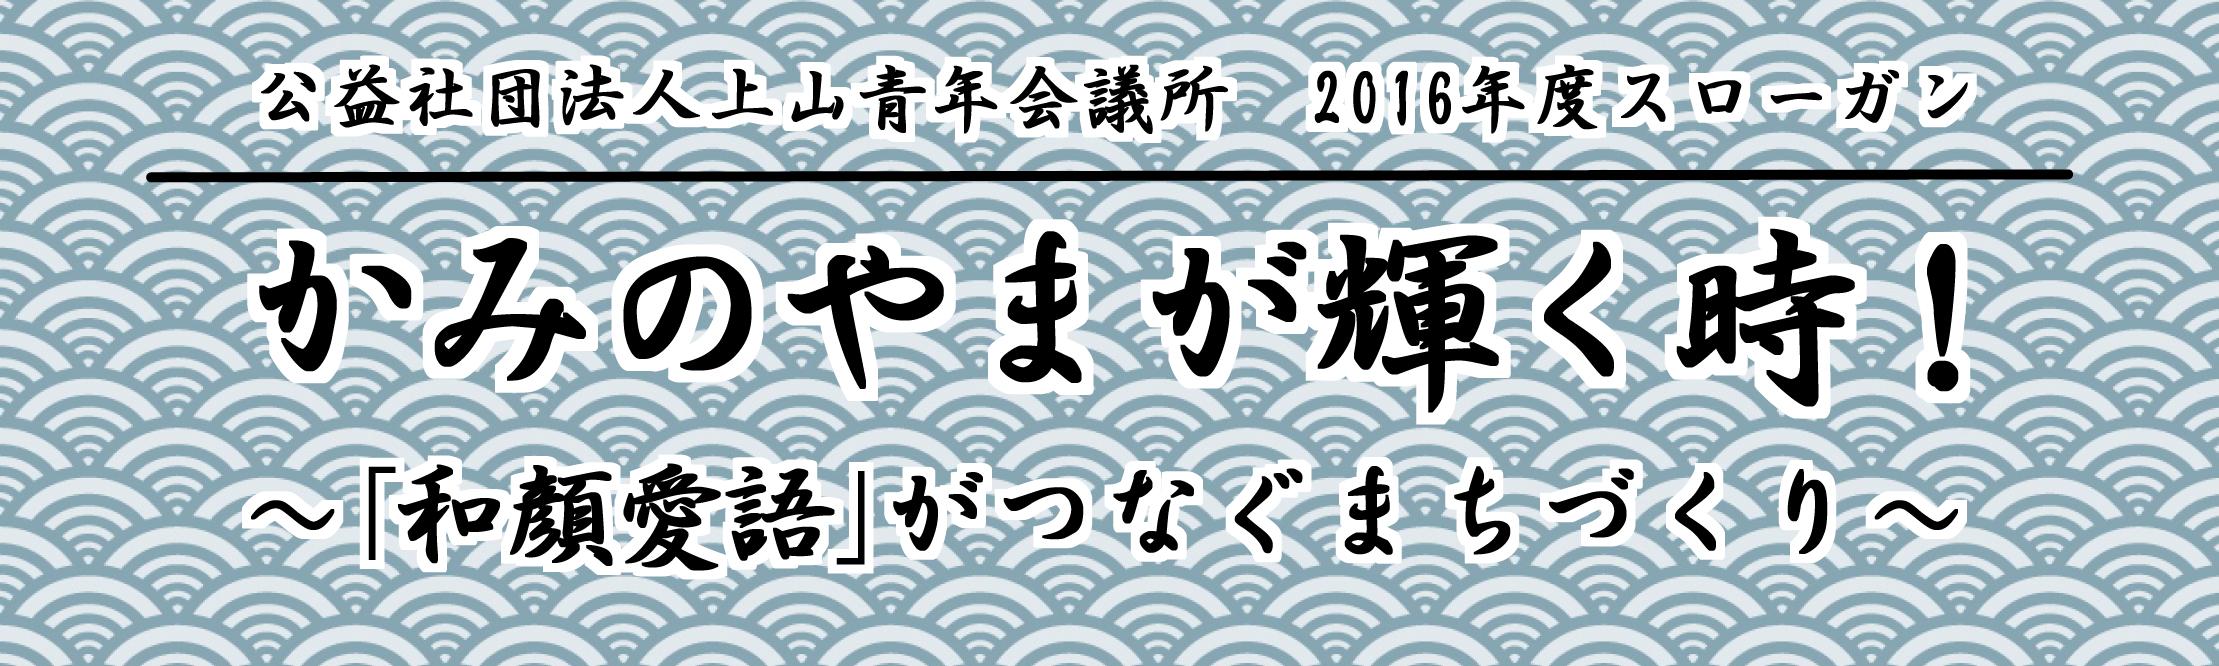 2016スローガン